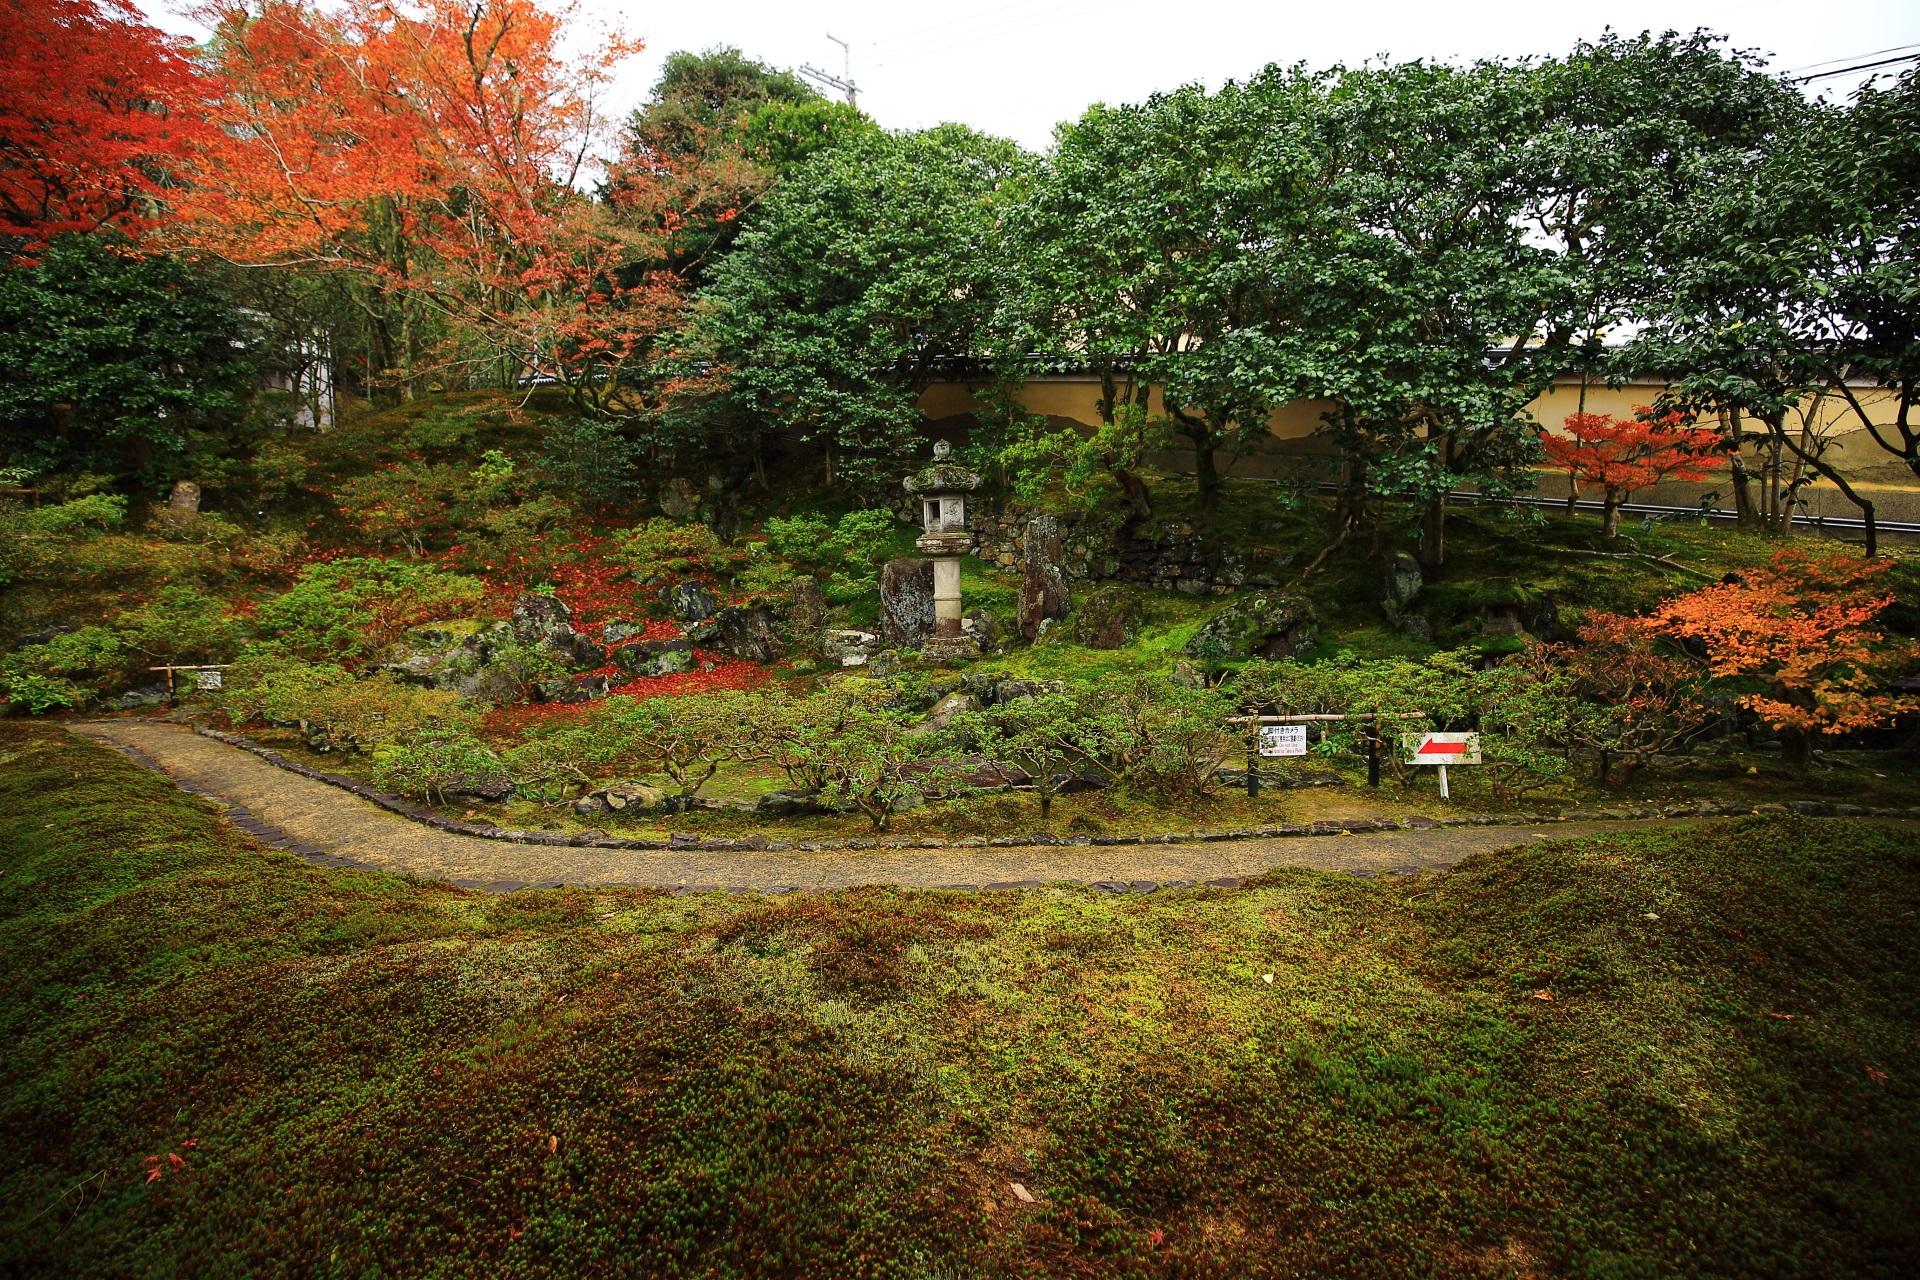 霊鑑寺の苔と緑につつまれた枯山水庭園と華やぐ紅葉